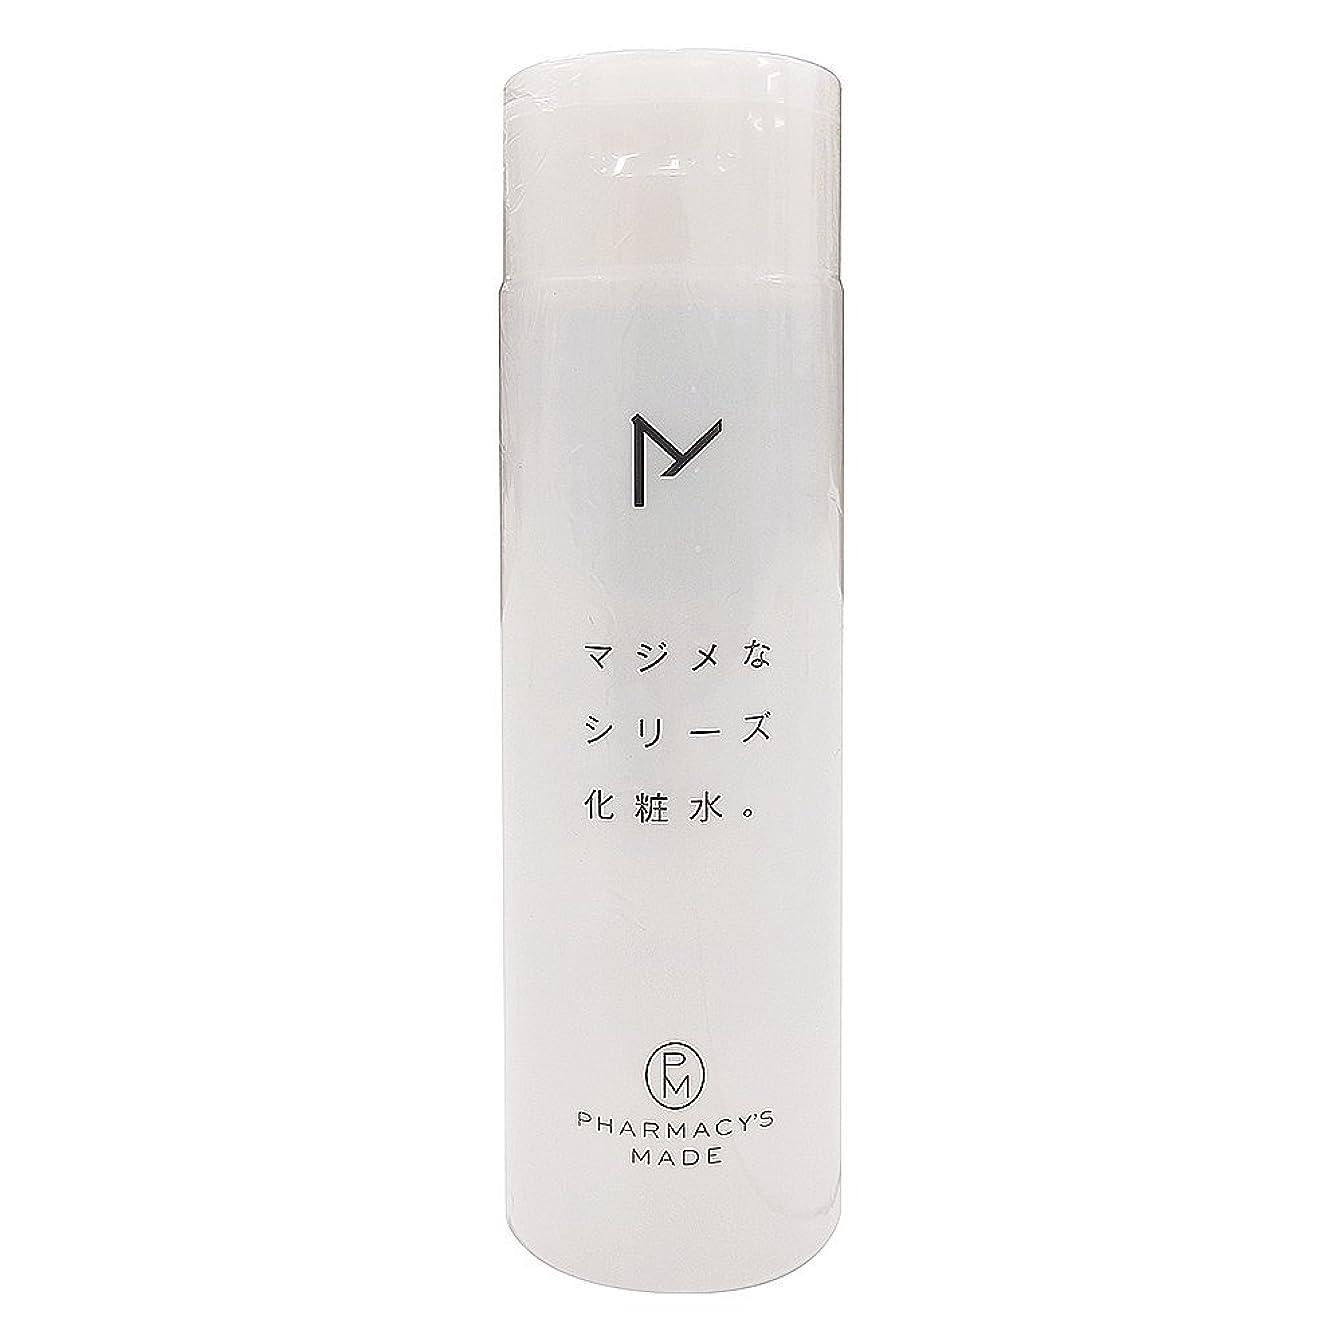 アンソロジーピザ不信水橋保寿堂製薬 マジメなシリーズ化粧水。 200ml